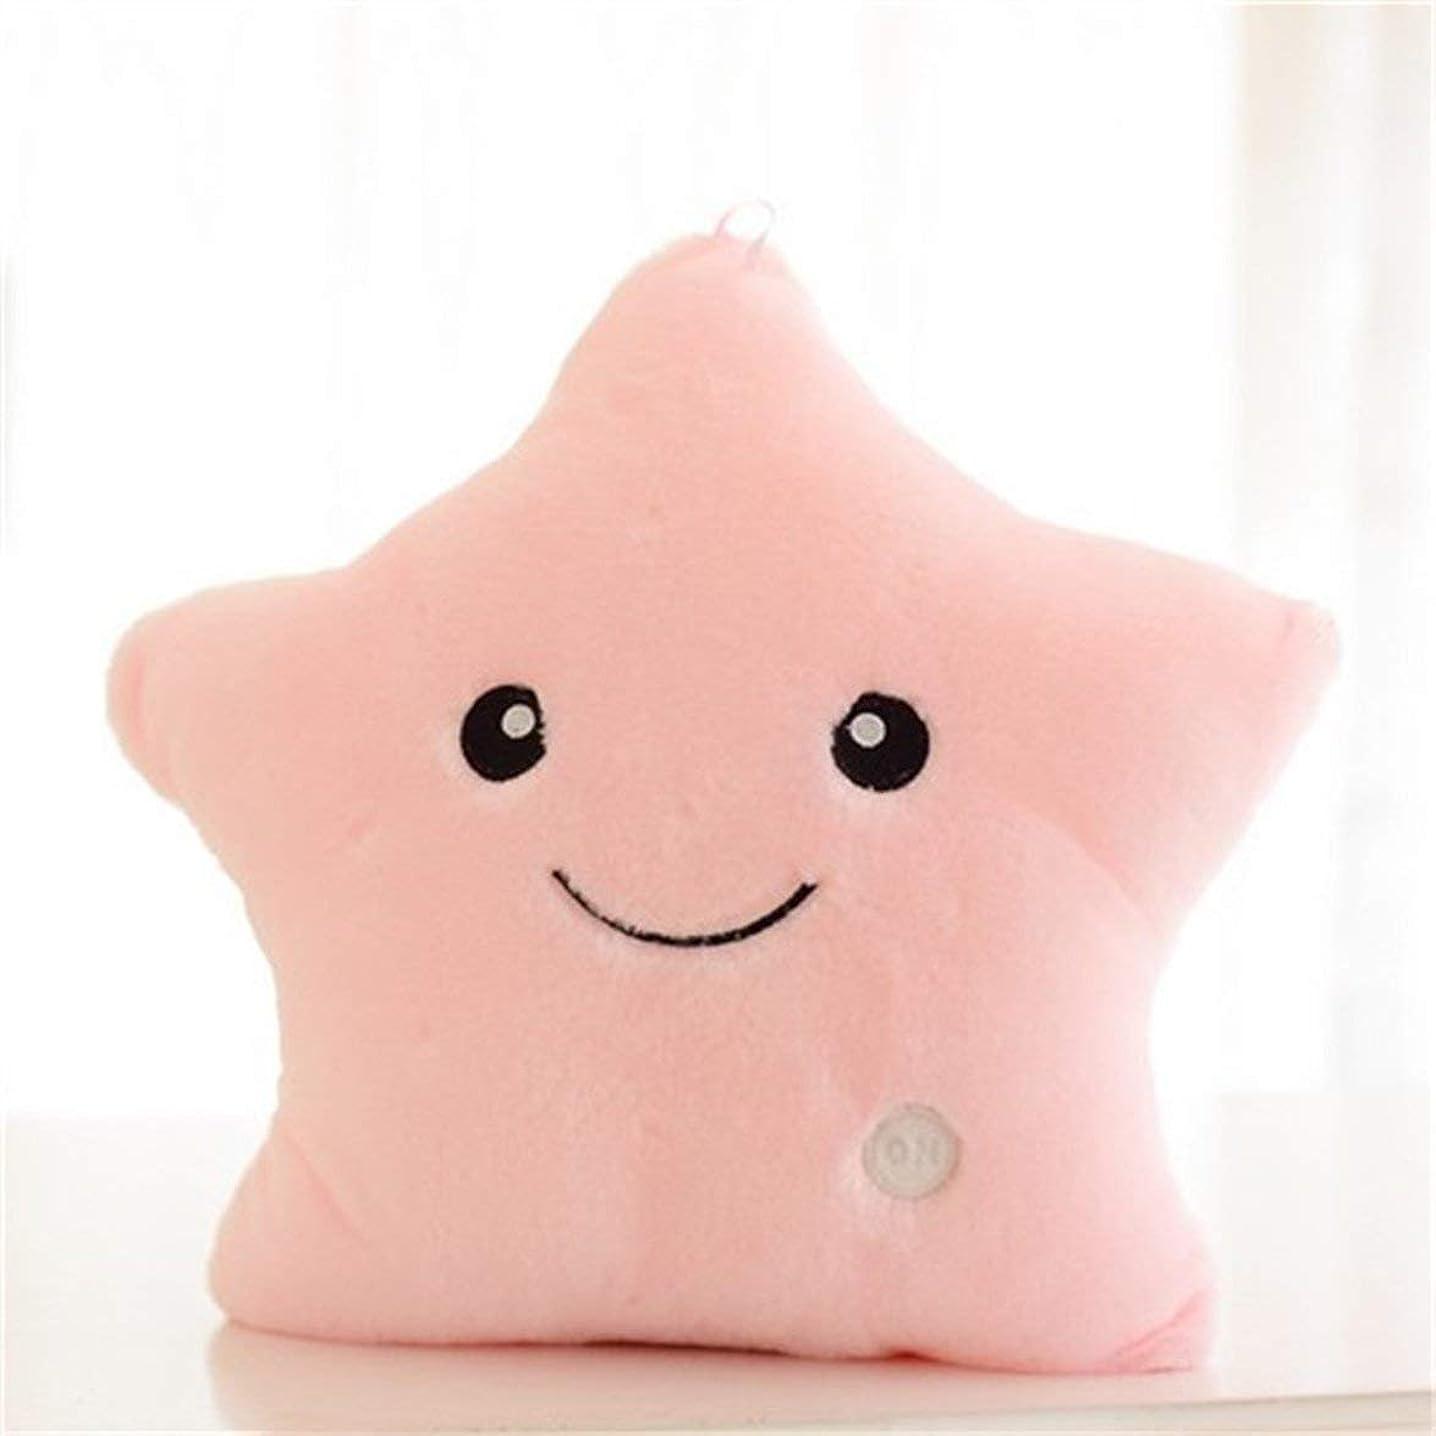 フライカイトフォーマット光ユニークな発光枕鮮やかな星デザインledライトクッションぬいぐるみ枕用寝室のソファ誕生日ギフト用のおもちゃ - ピンク